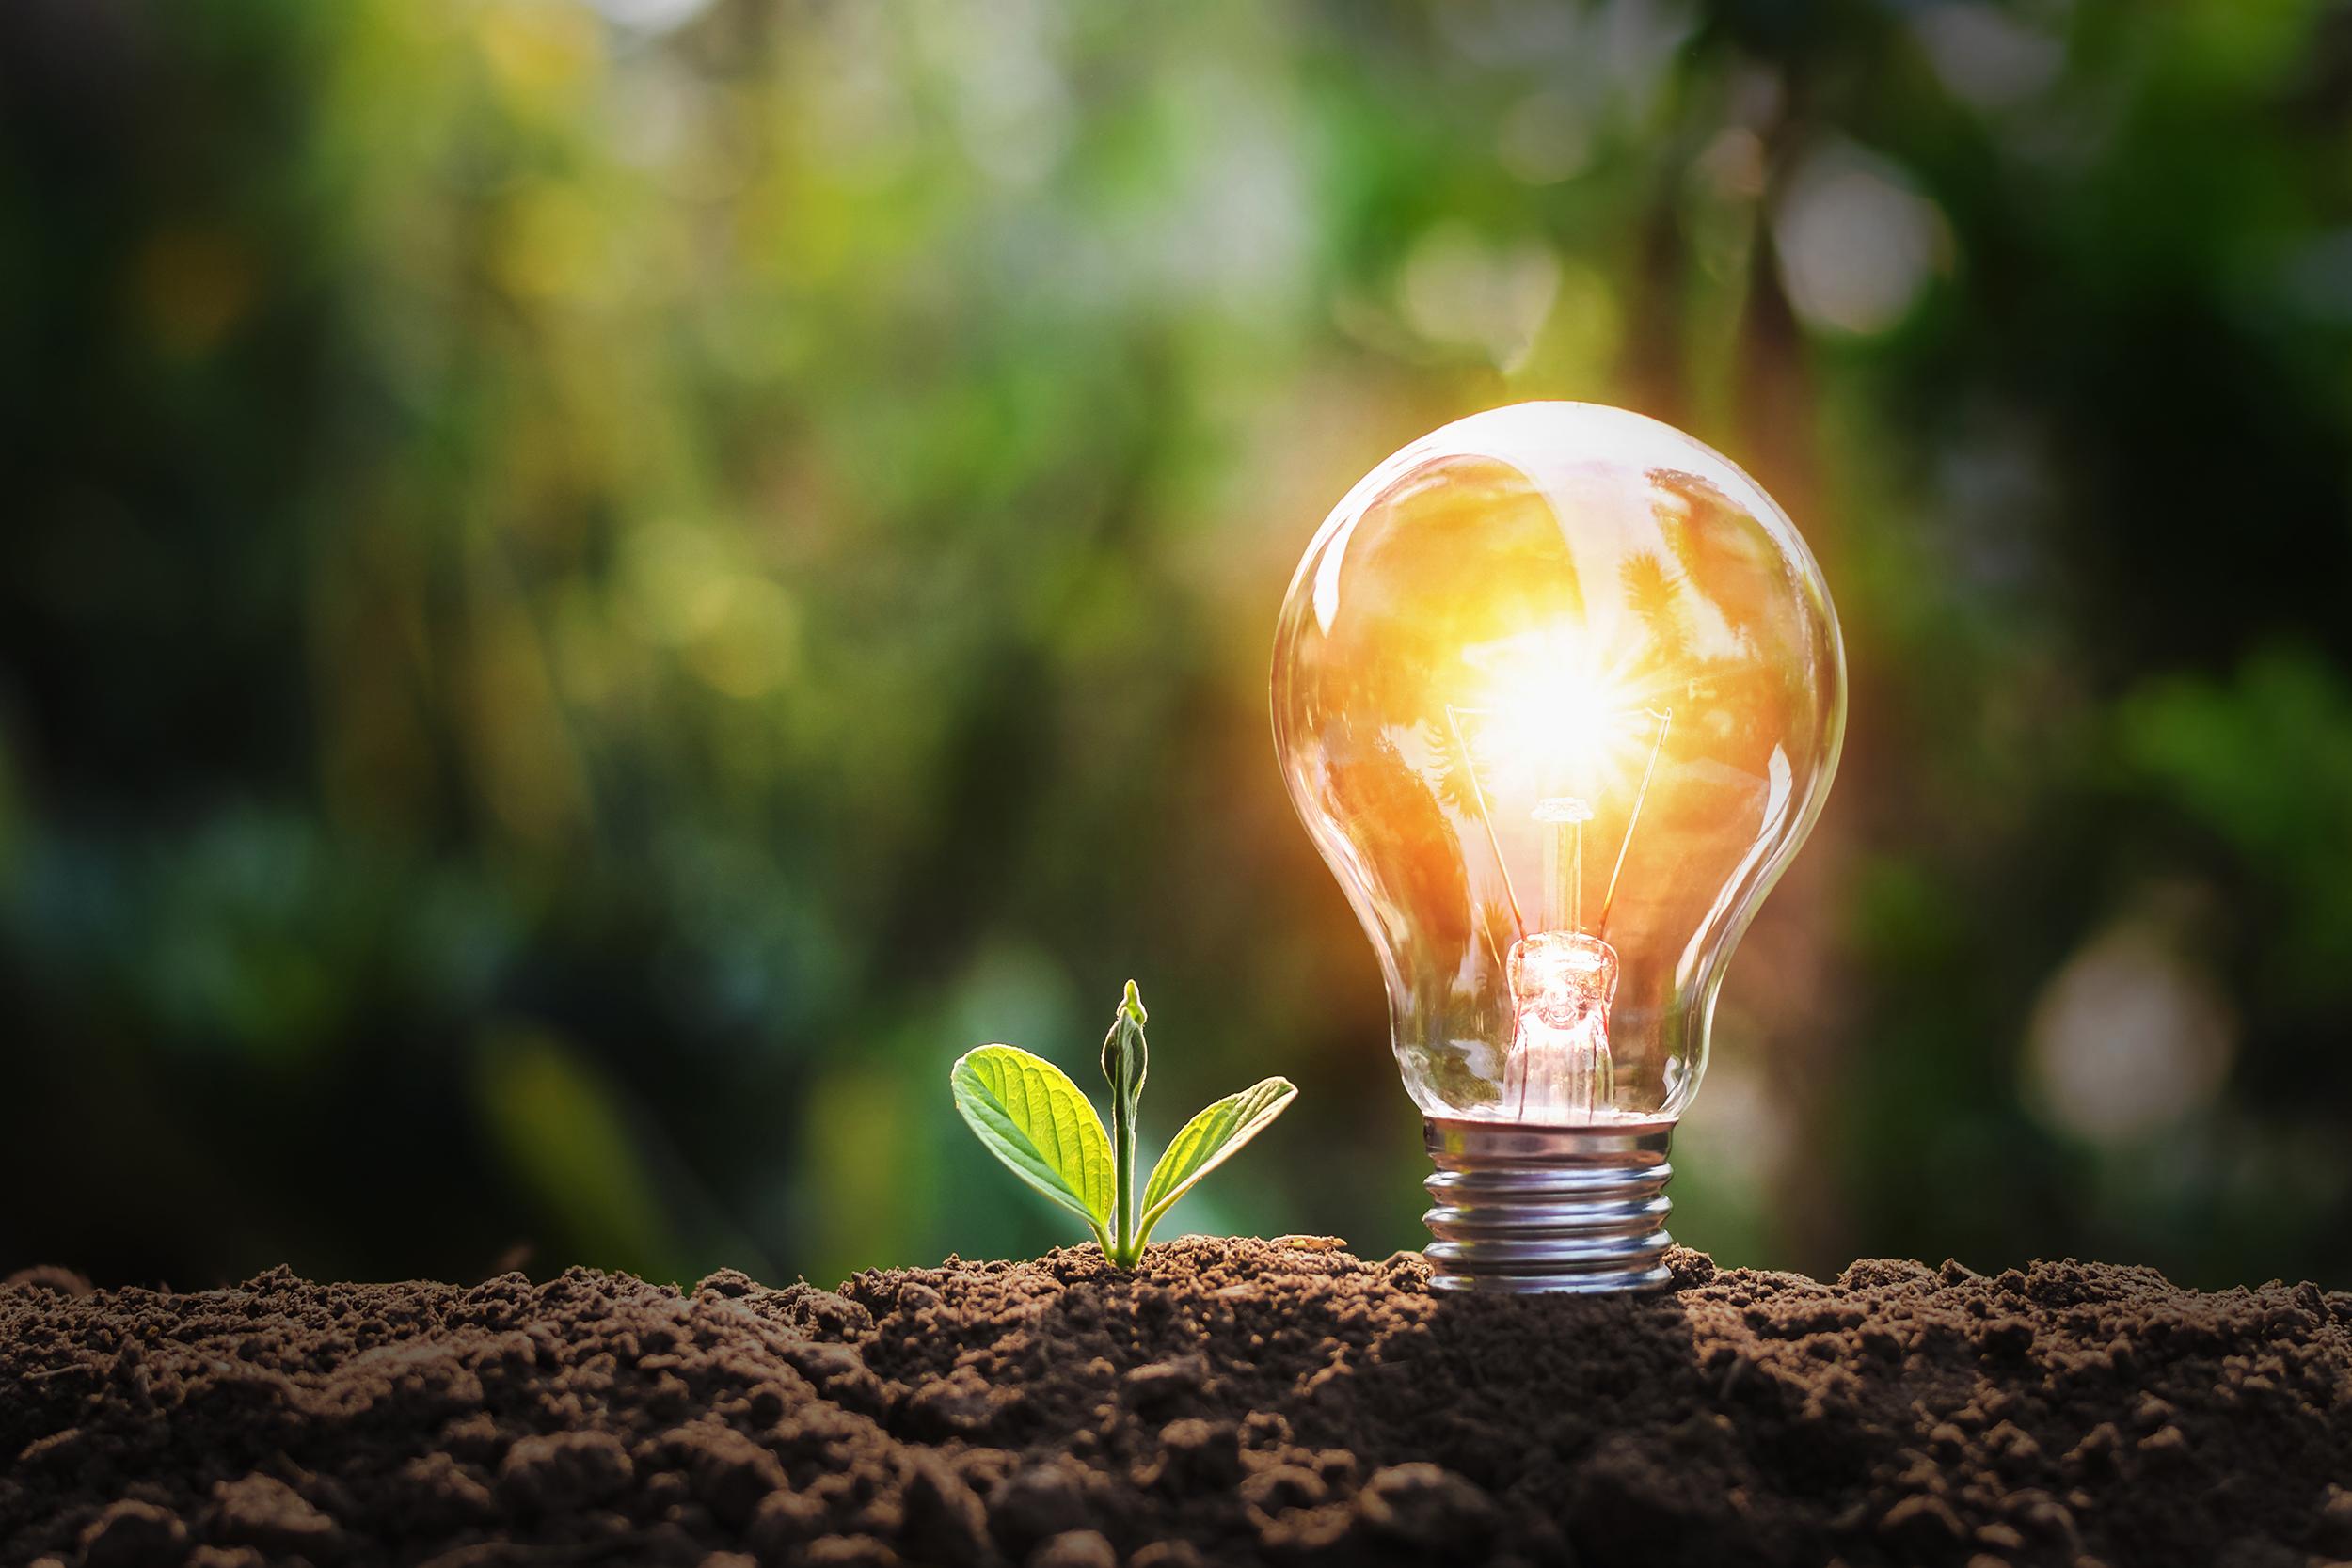 ampoule_planté_dans_la_terre_et_petite_pousse_createur_maison_ecologique